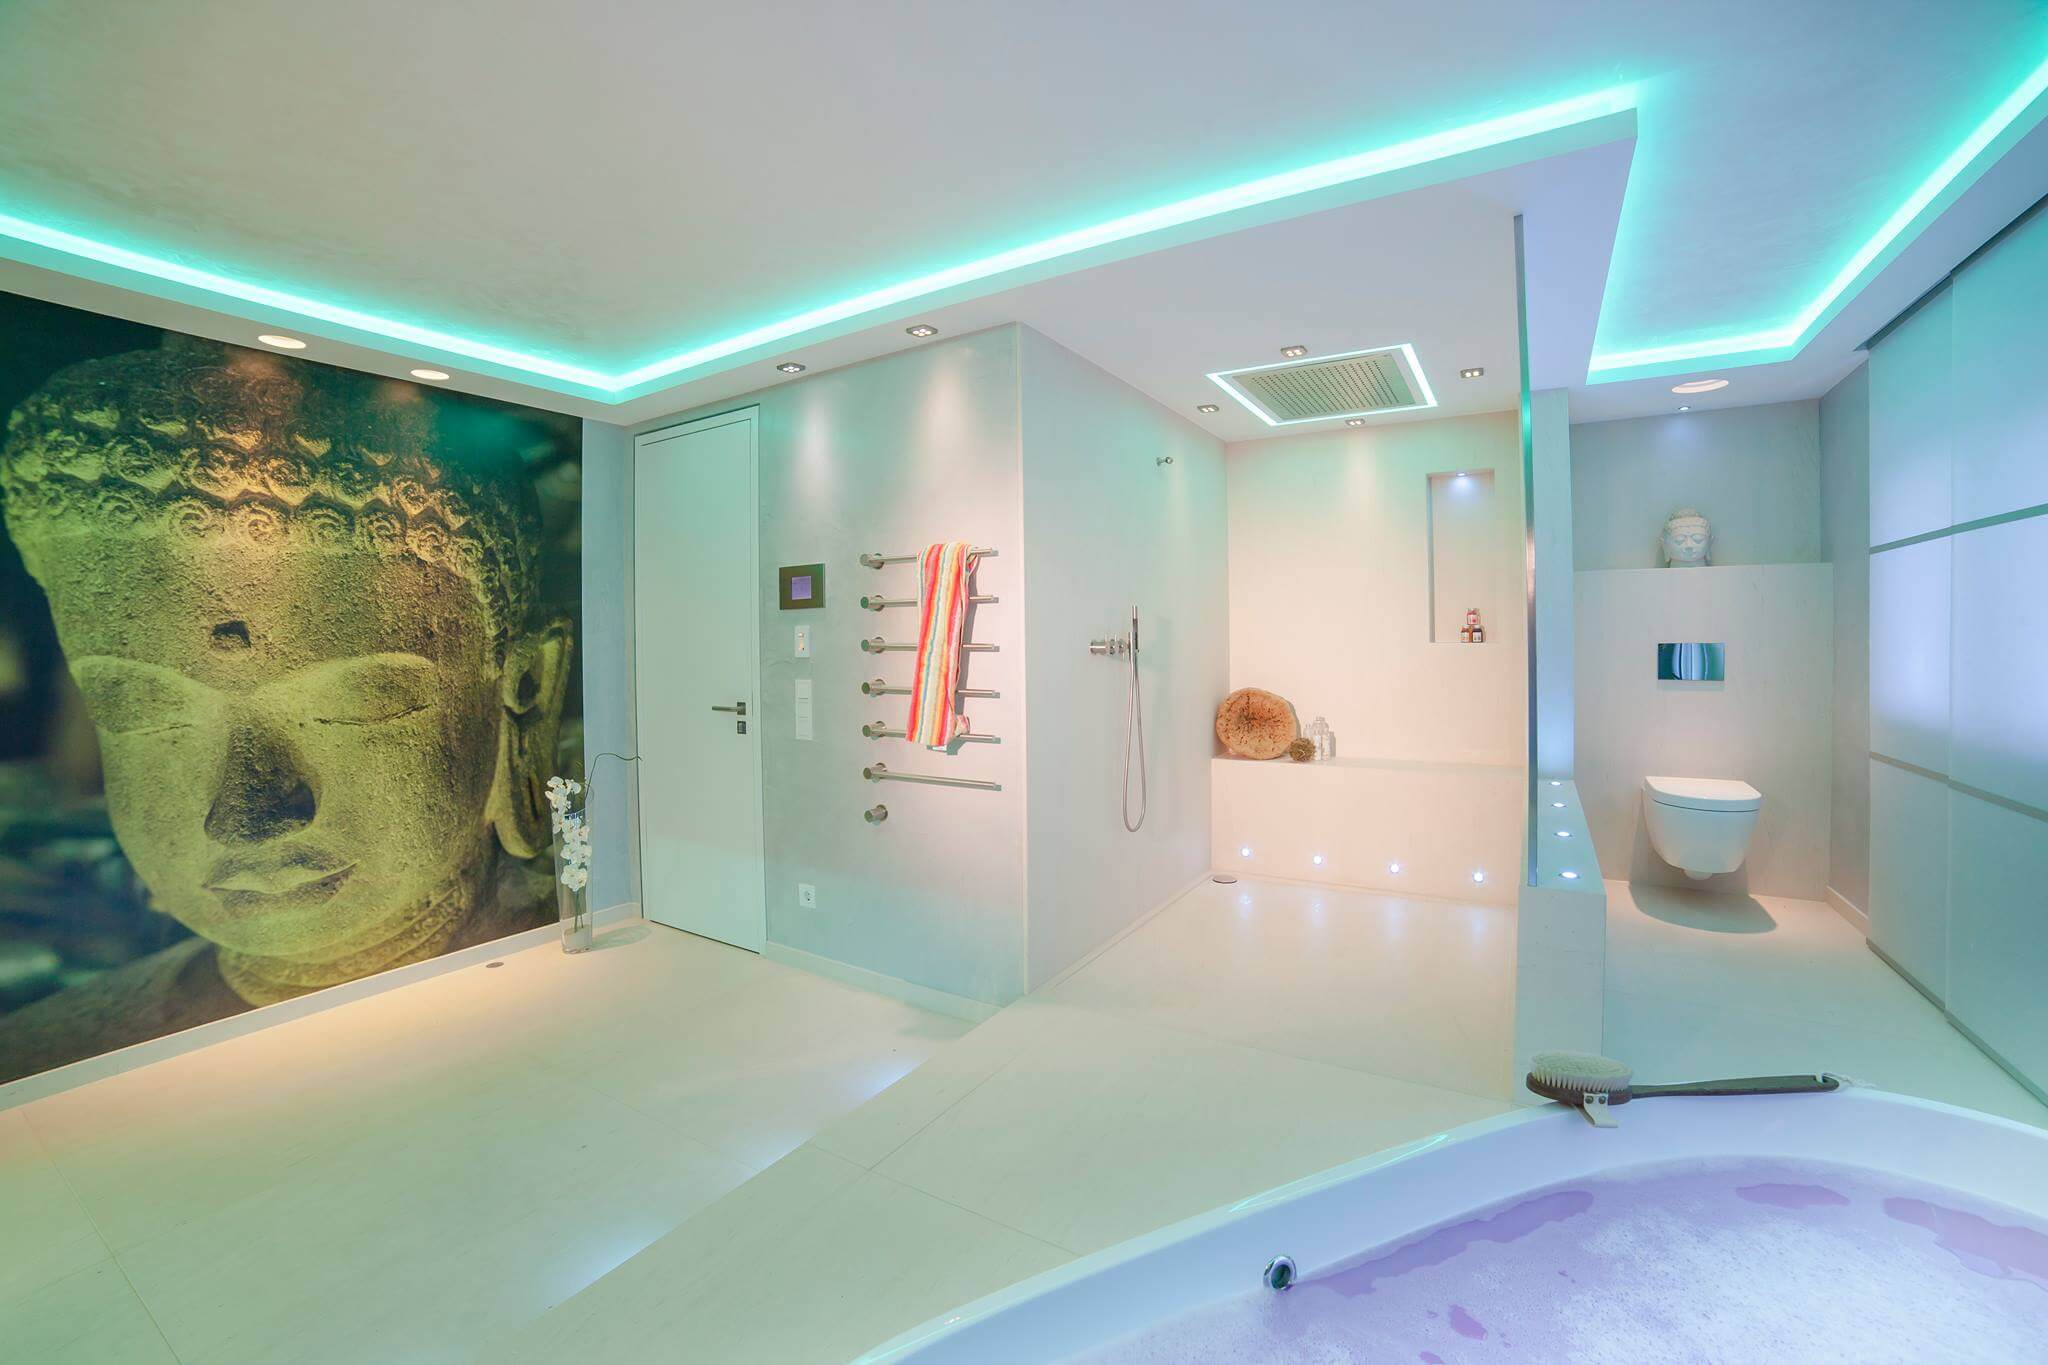 Der Passionierter Lichtdesigner Torsten Müller Ließ Es Sich Nicht Nehmen,  Sein Können Im Exklusiven Home